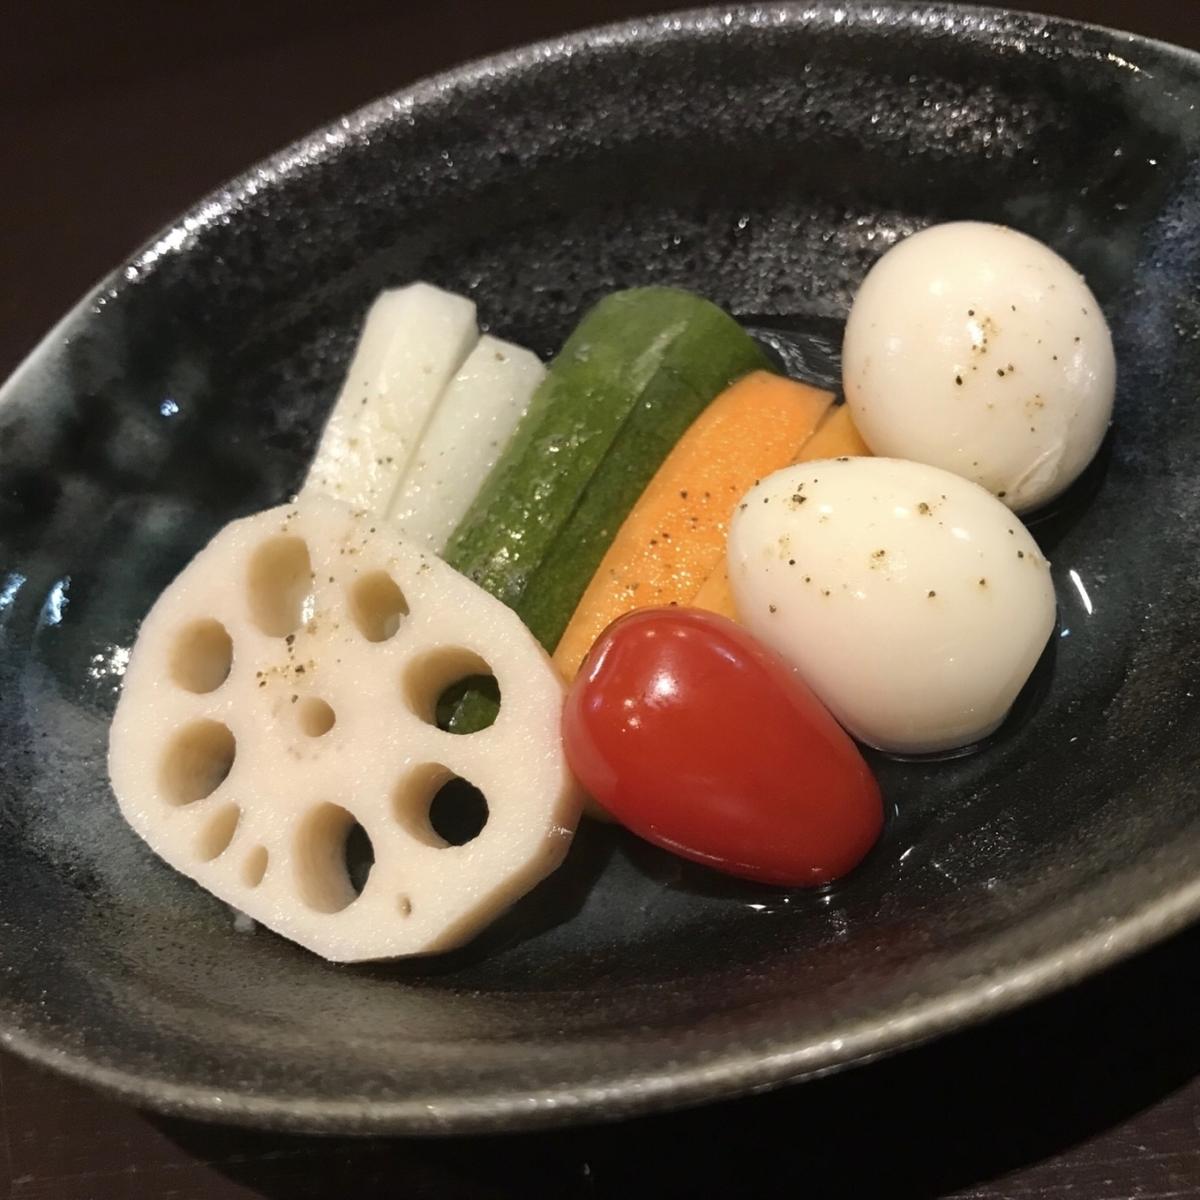 鹌鹑蛋和蔬菜泡菜